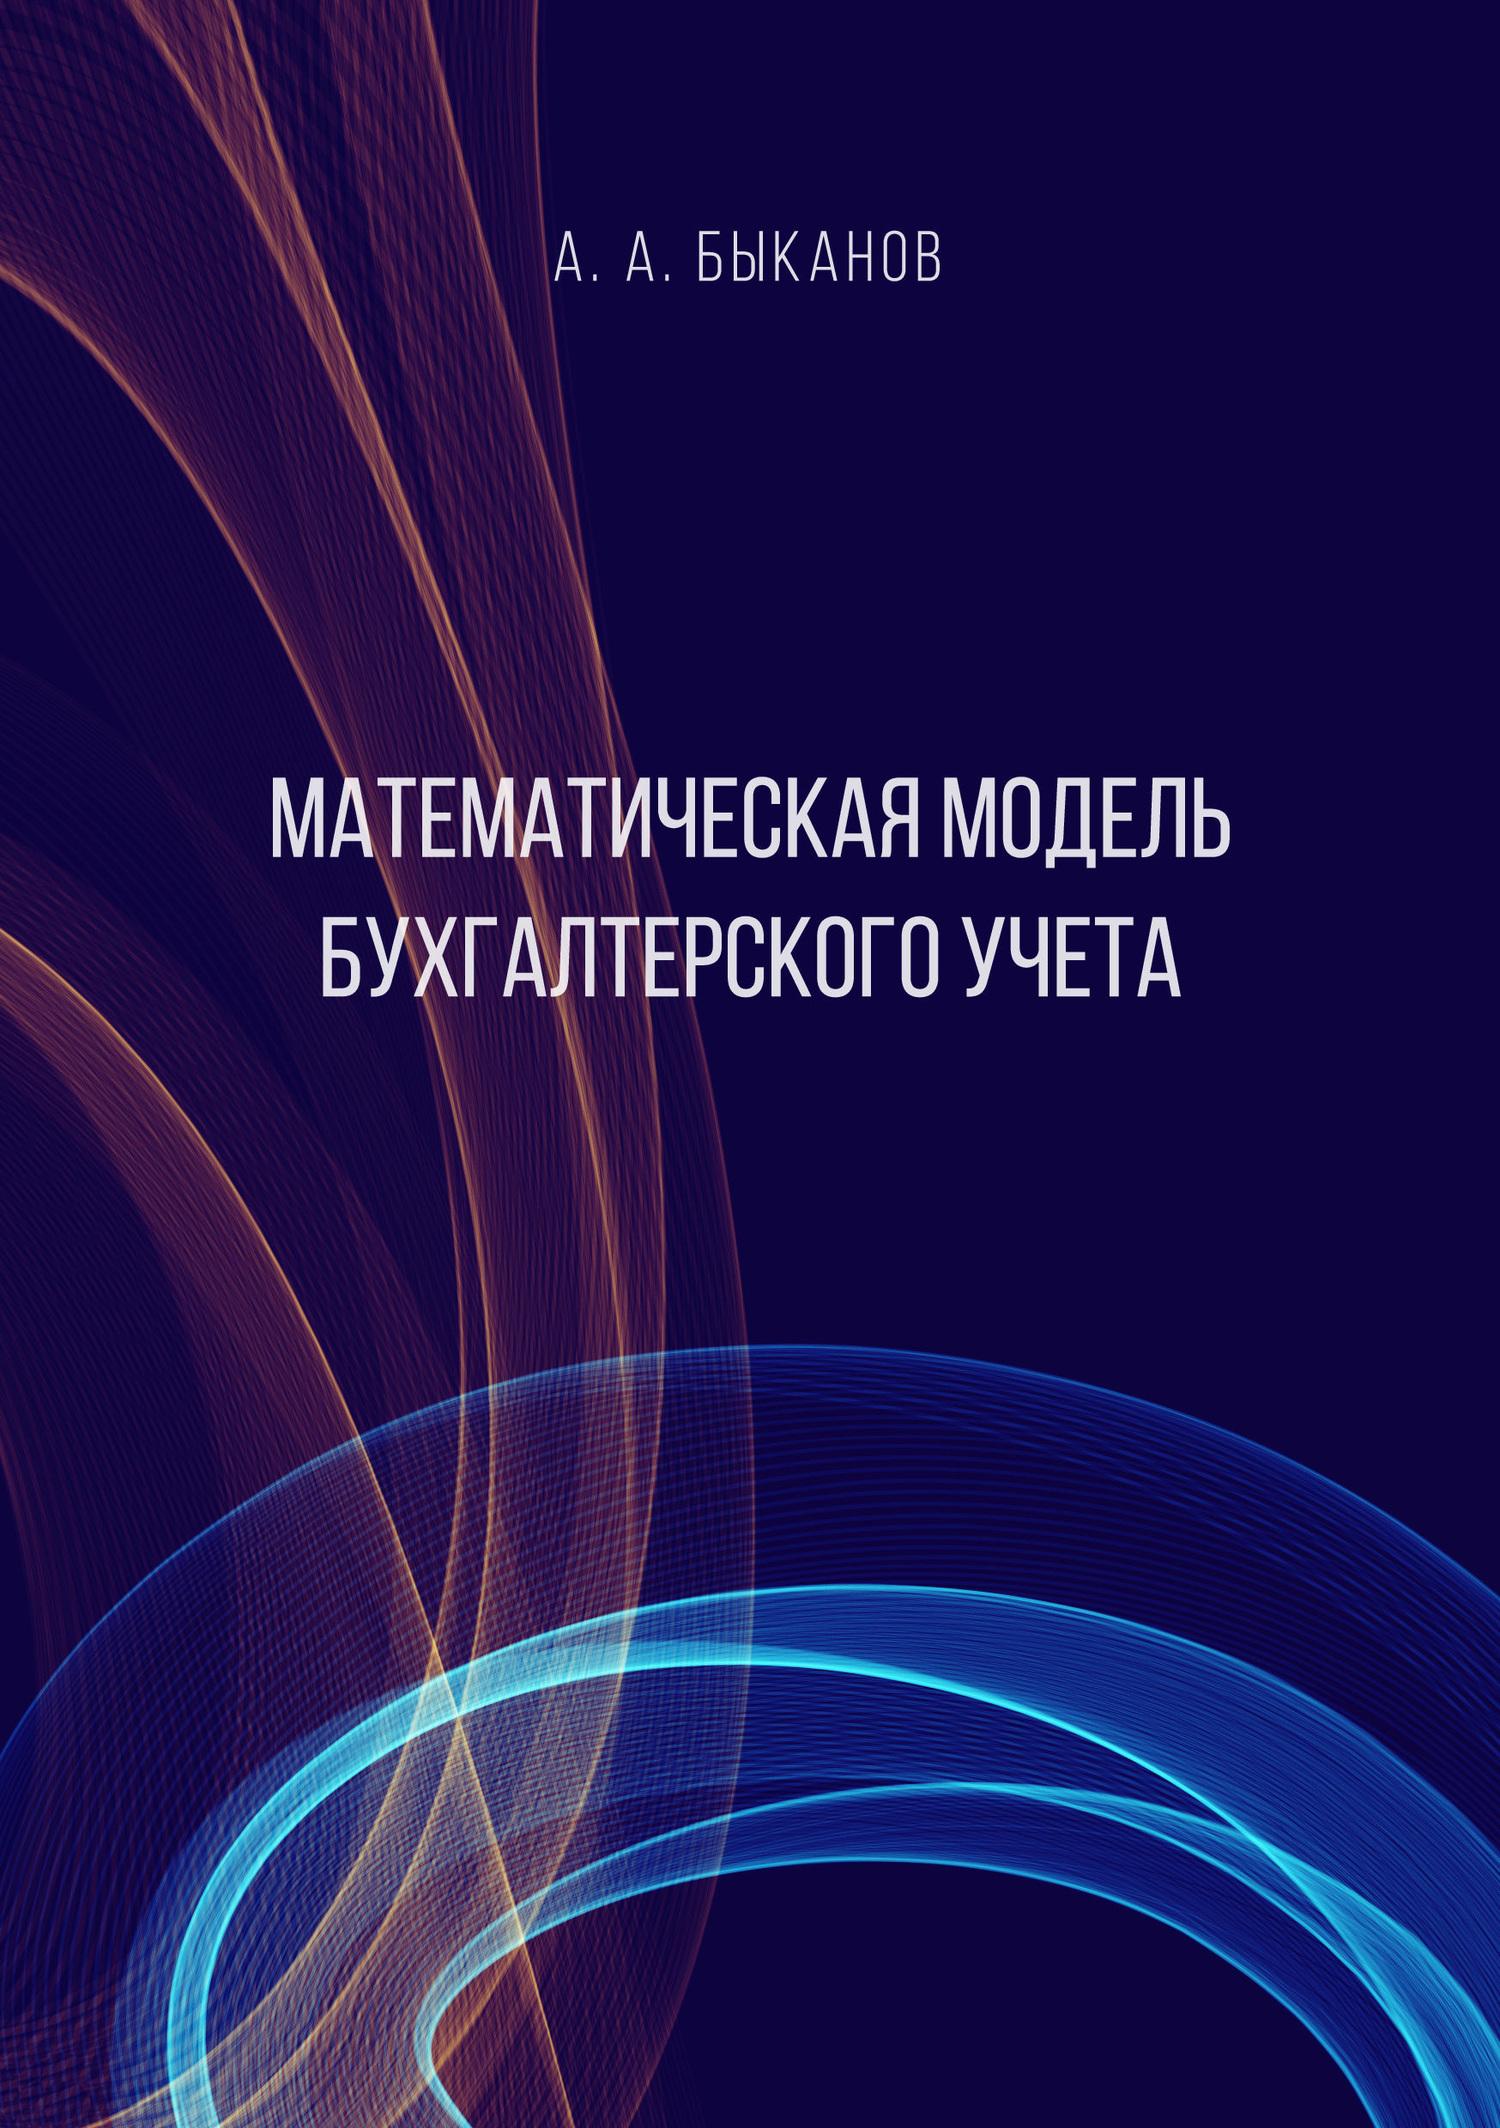 Обложка книги. Автор - Анатолий Быканов